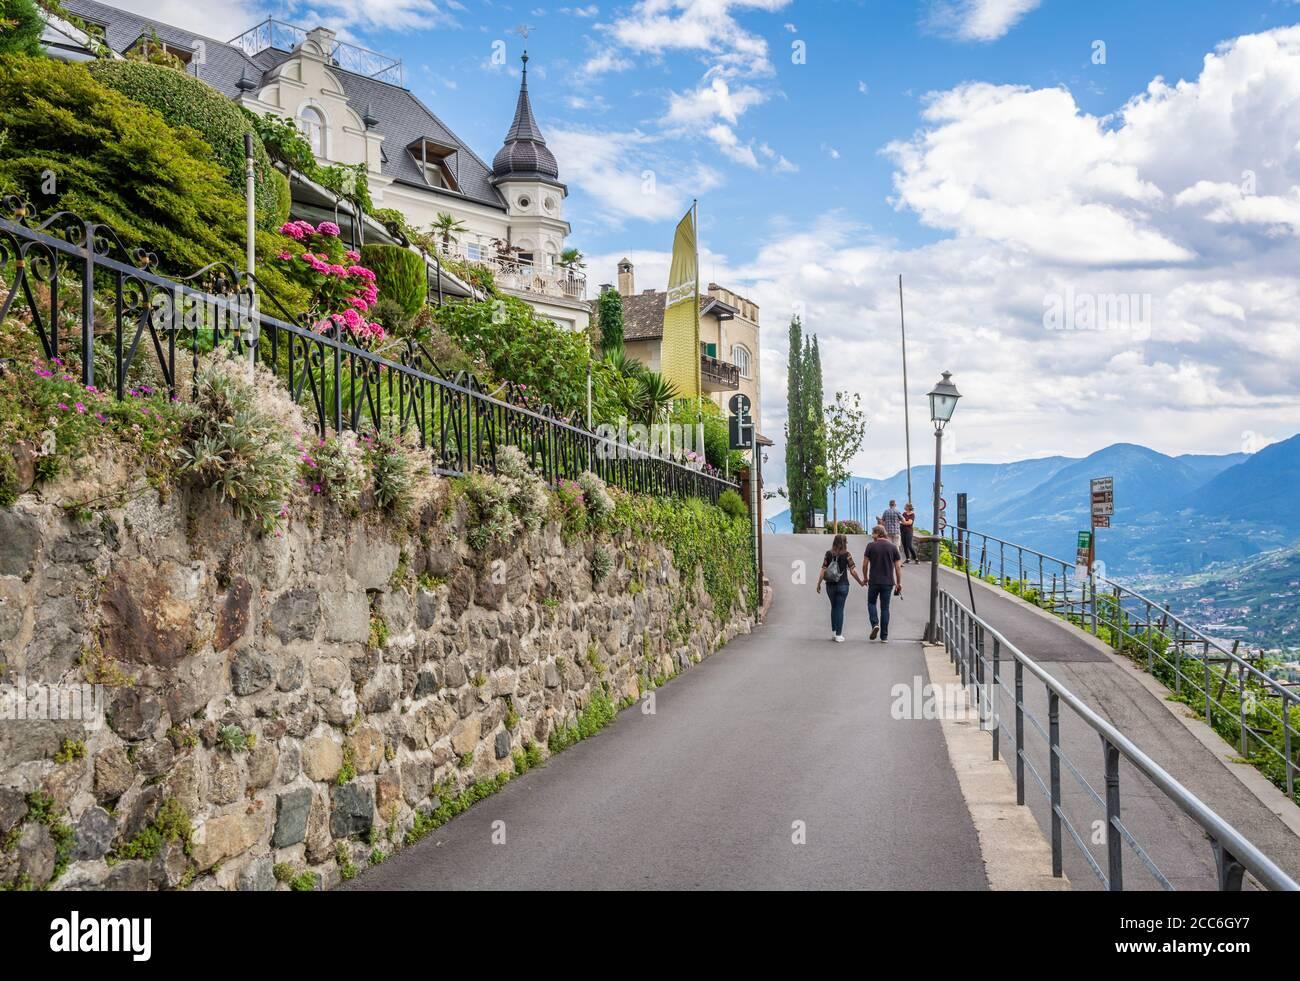 via del piccolo villaggio di Tirolo presso Merano in Alto Adige, Trentino Alto Adige, italia settentrionale - 16 luglio 2020 Foto Stock